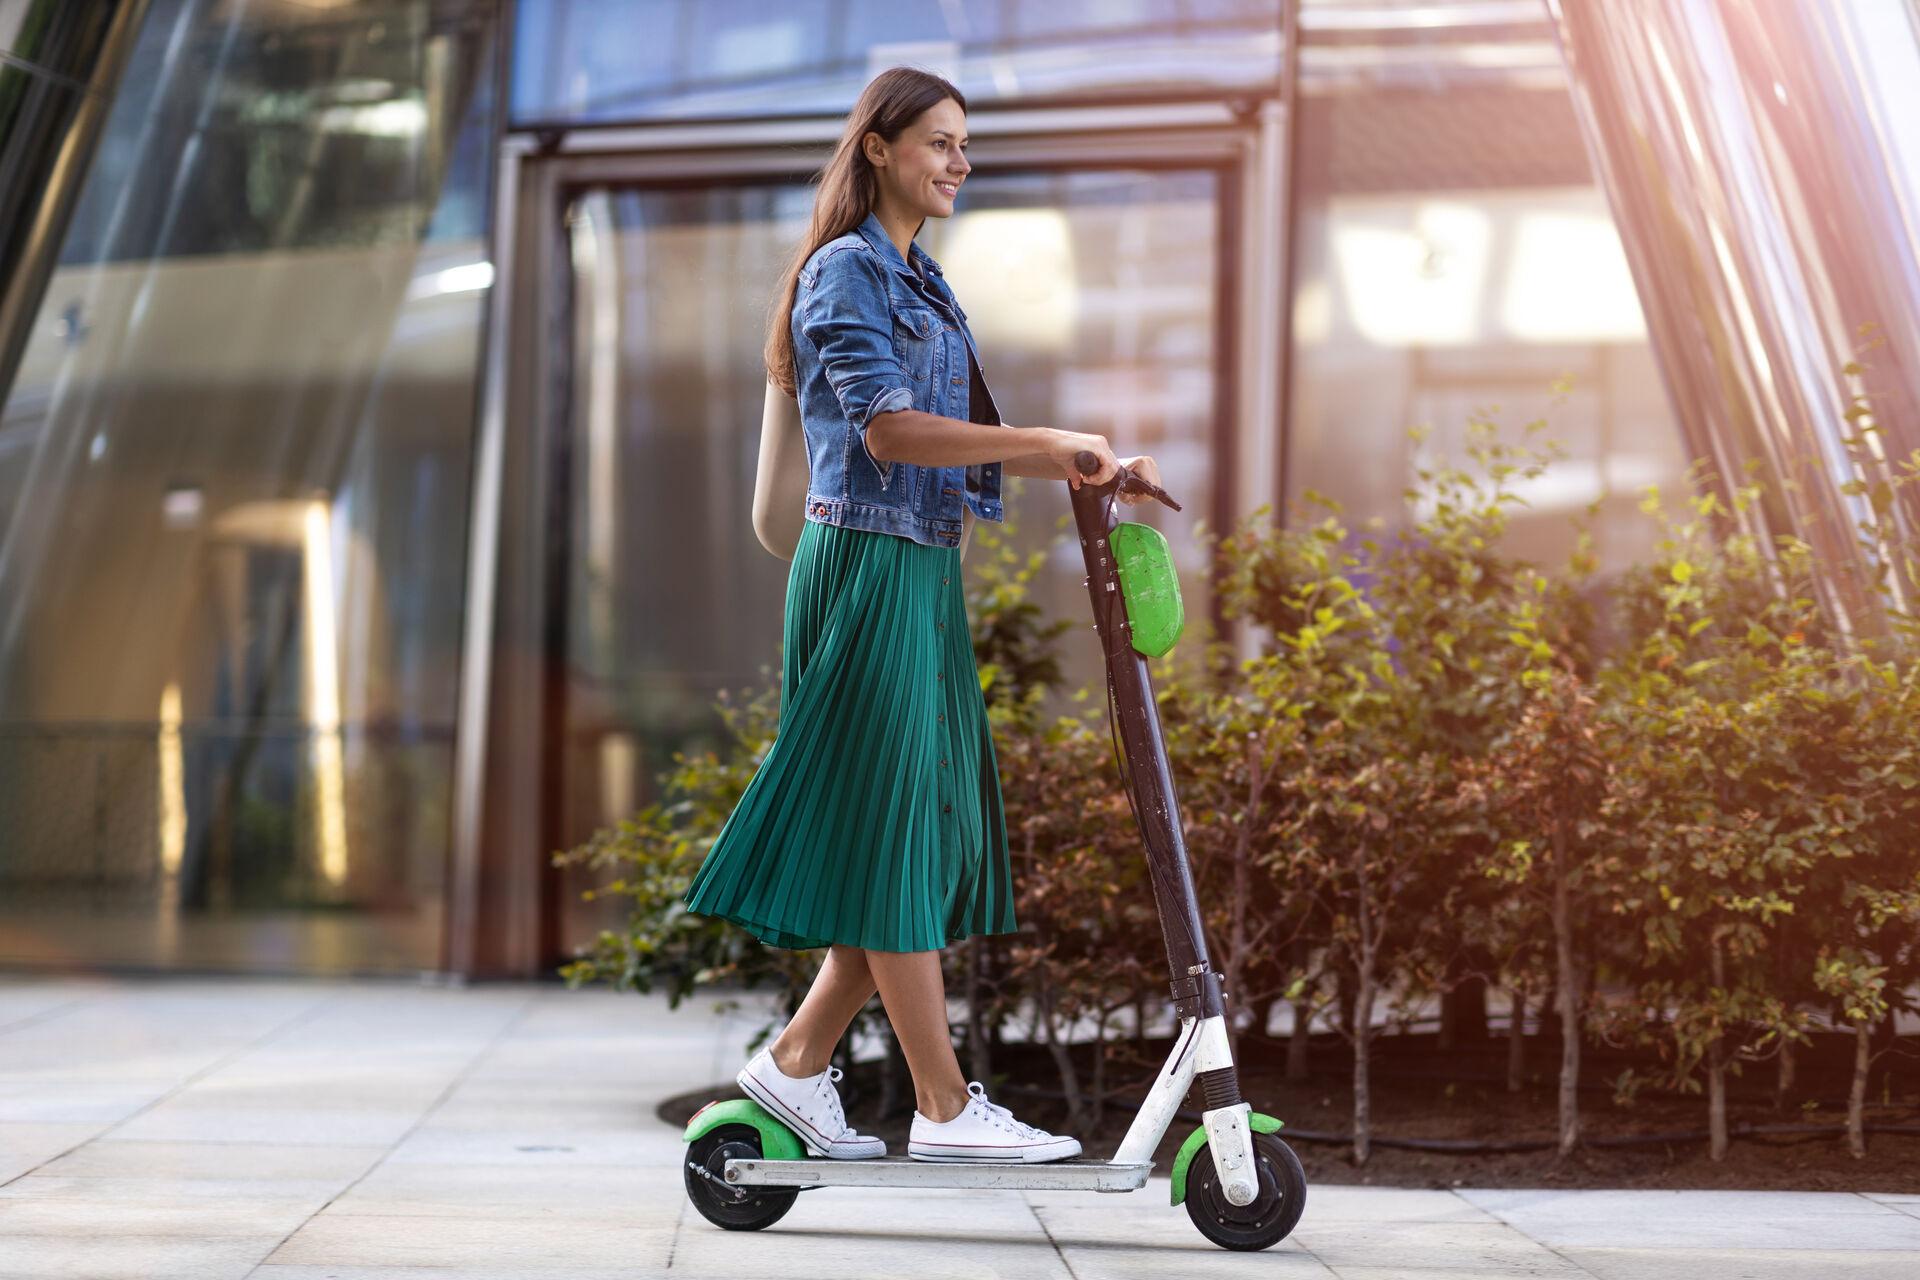 Frau fährt mit dem Scooter durch die Stadt